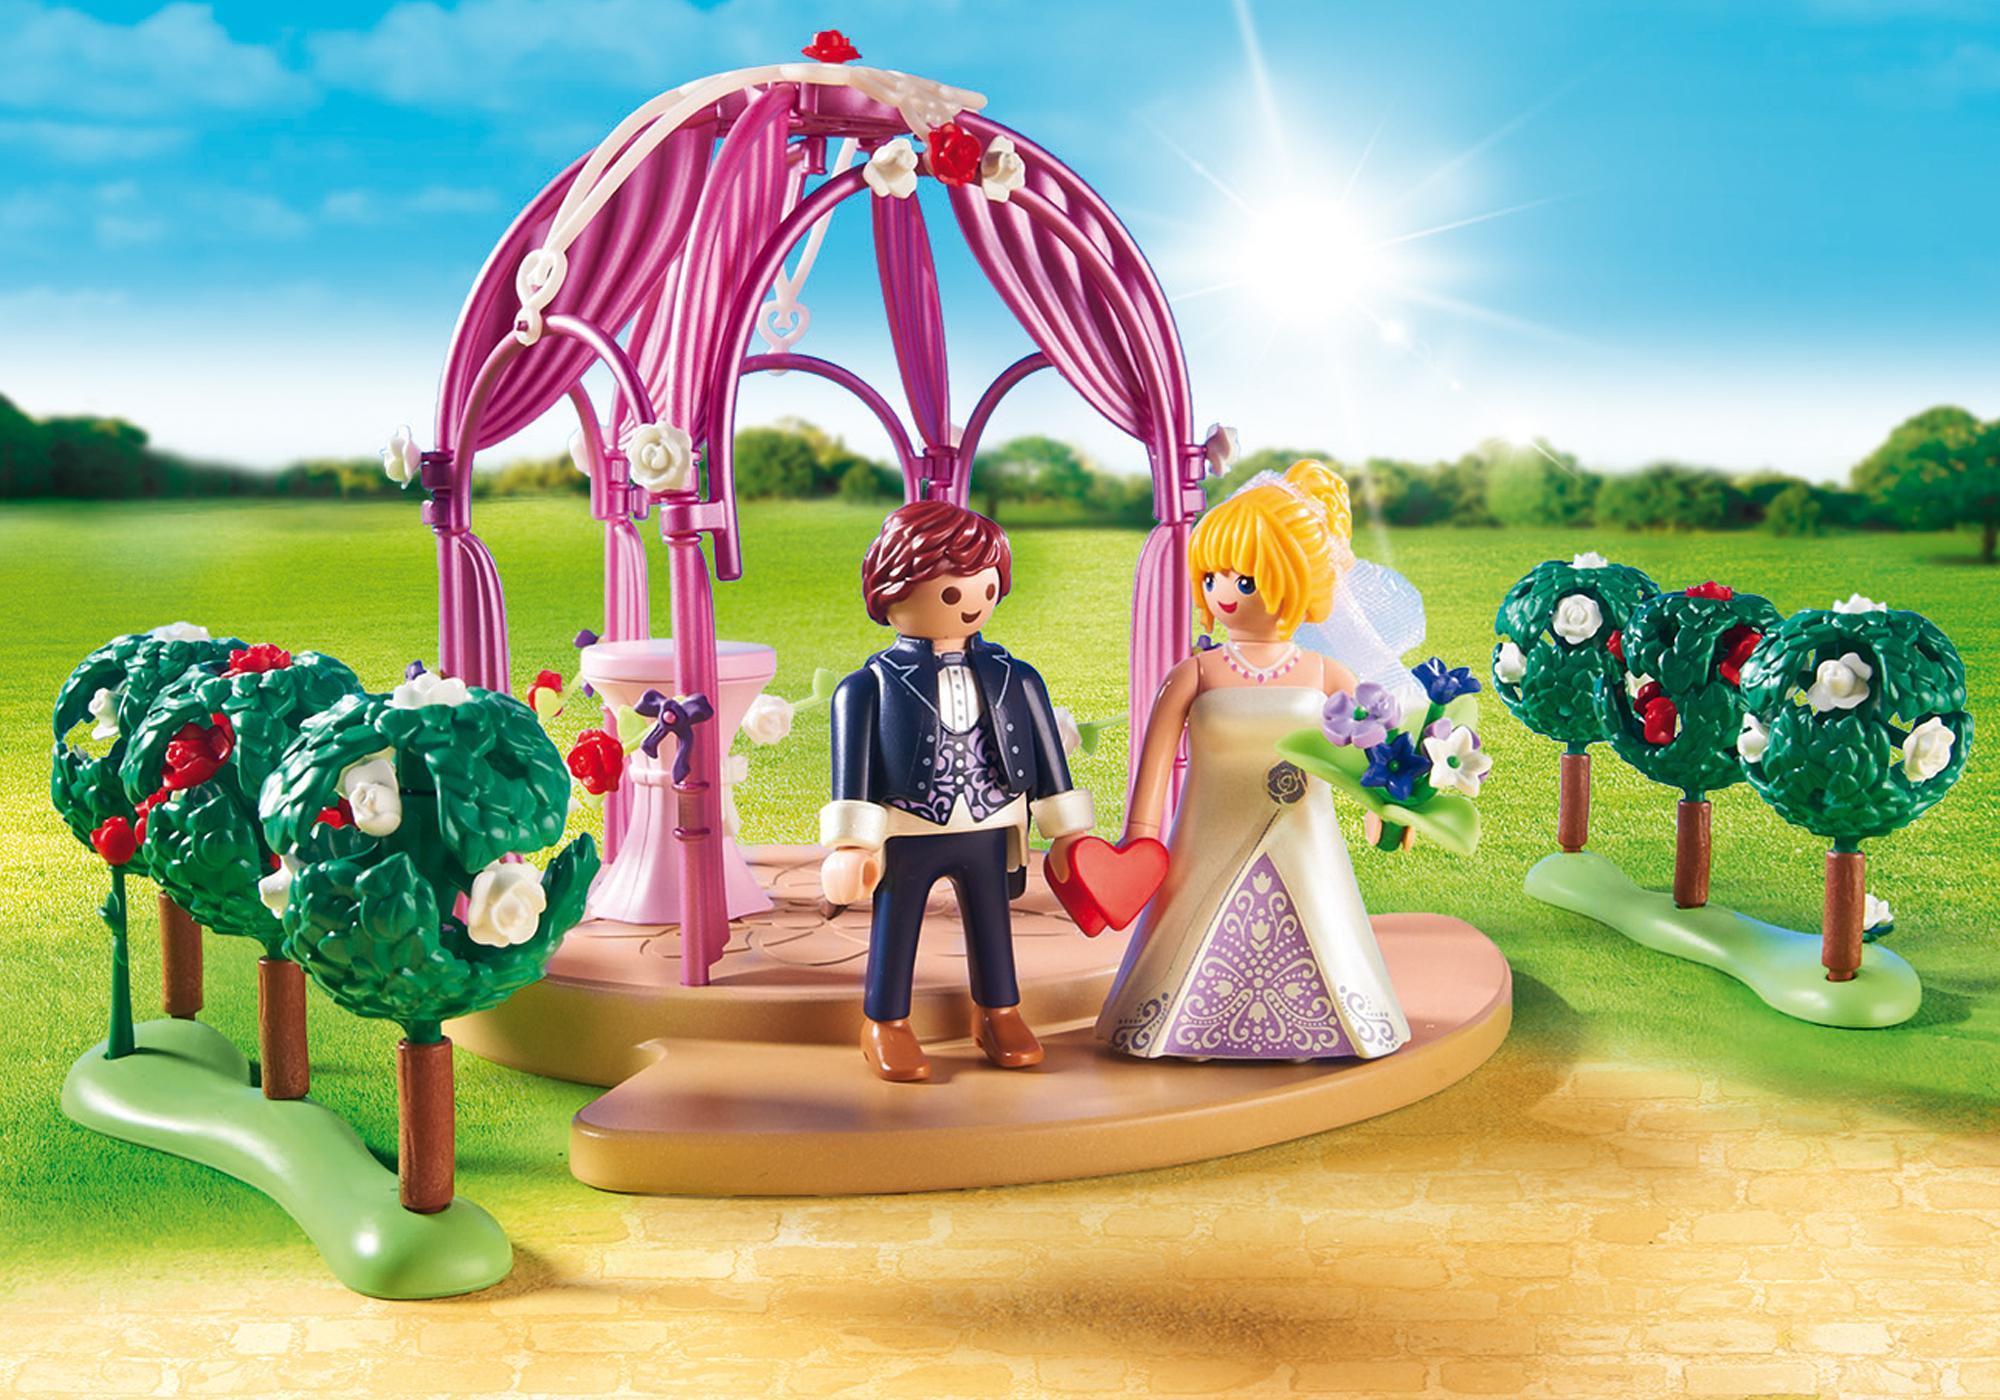 http://media.playmobil.com/i/playmobil/9229_product_extra1/Pawilon ślubny z nowożeńcami